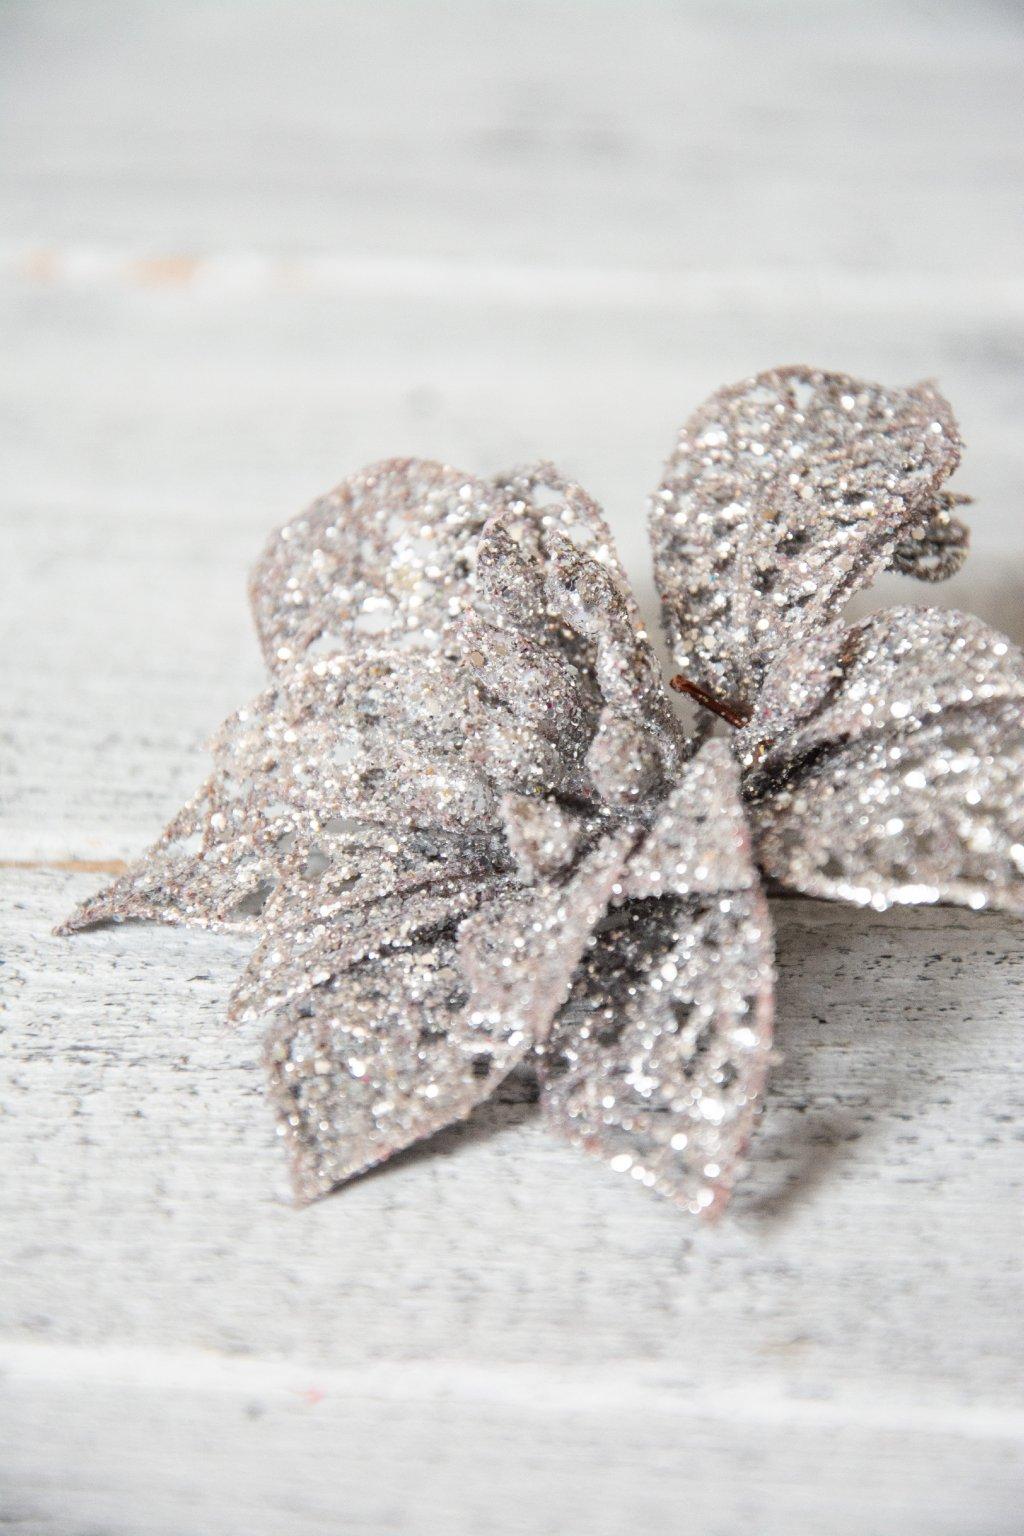 Stříbrná vánoční hvězda